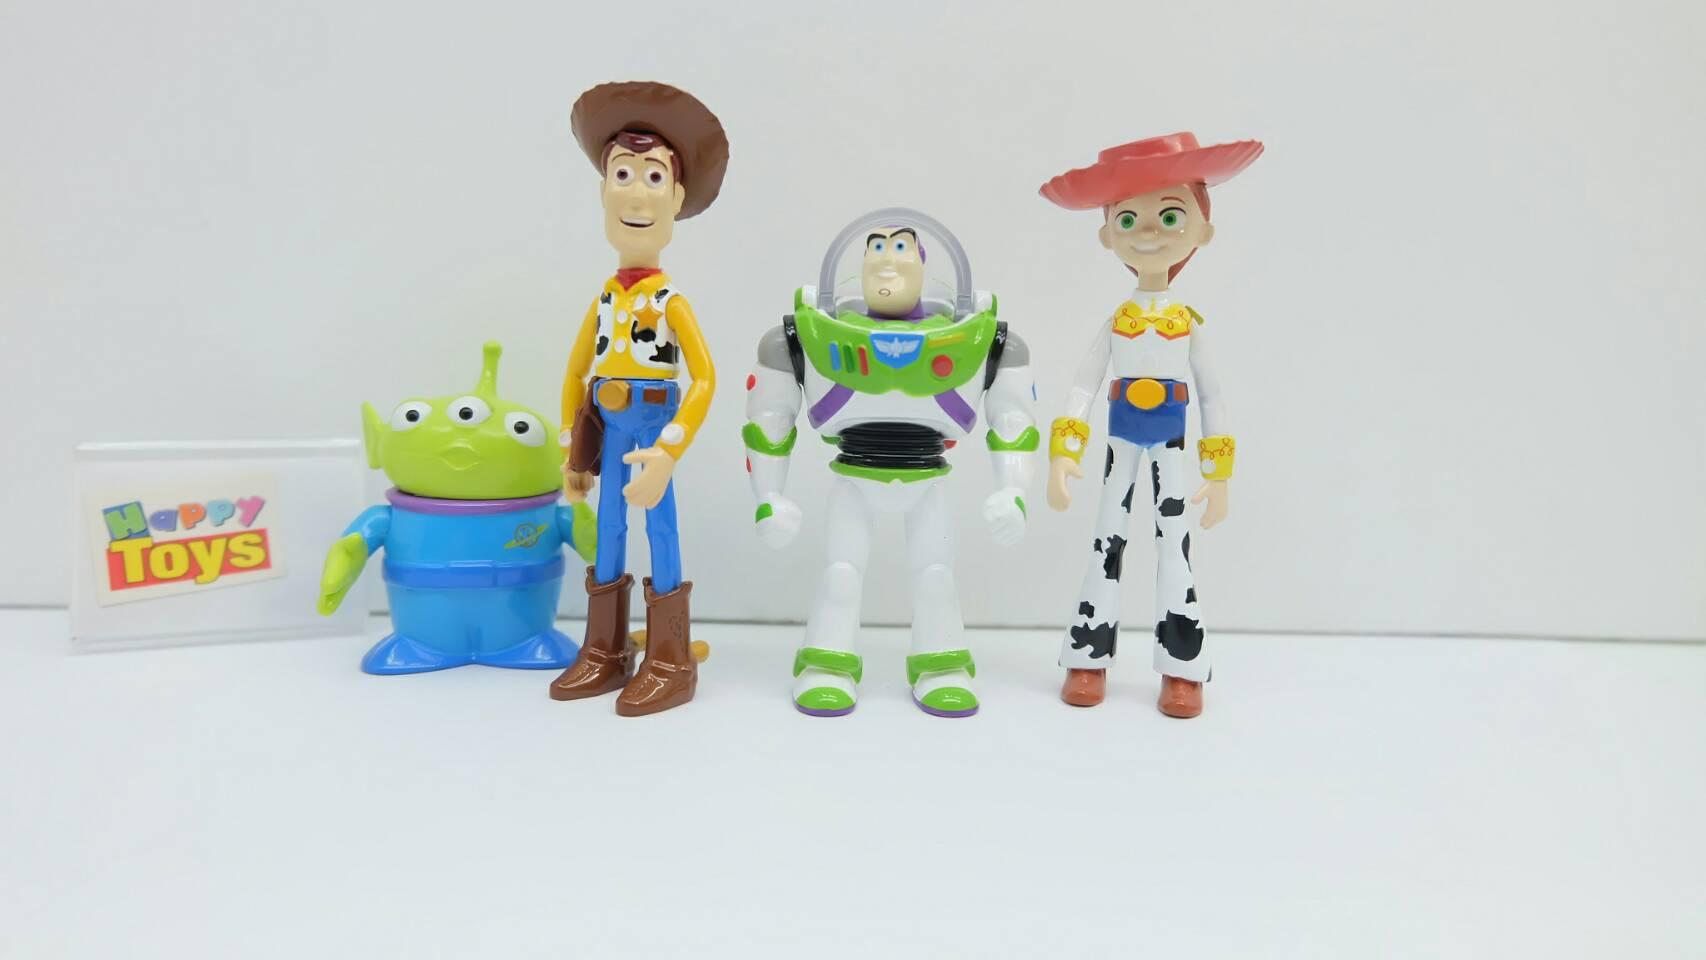 โมเดลตัวละครหลัก Toy Story งานลิขสิทธิ์แท้จาก Tomy วัสดุทำจากเกล็ก 100%